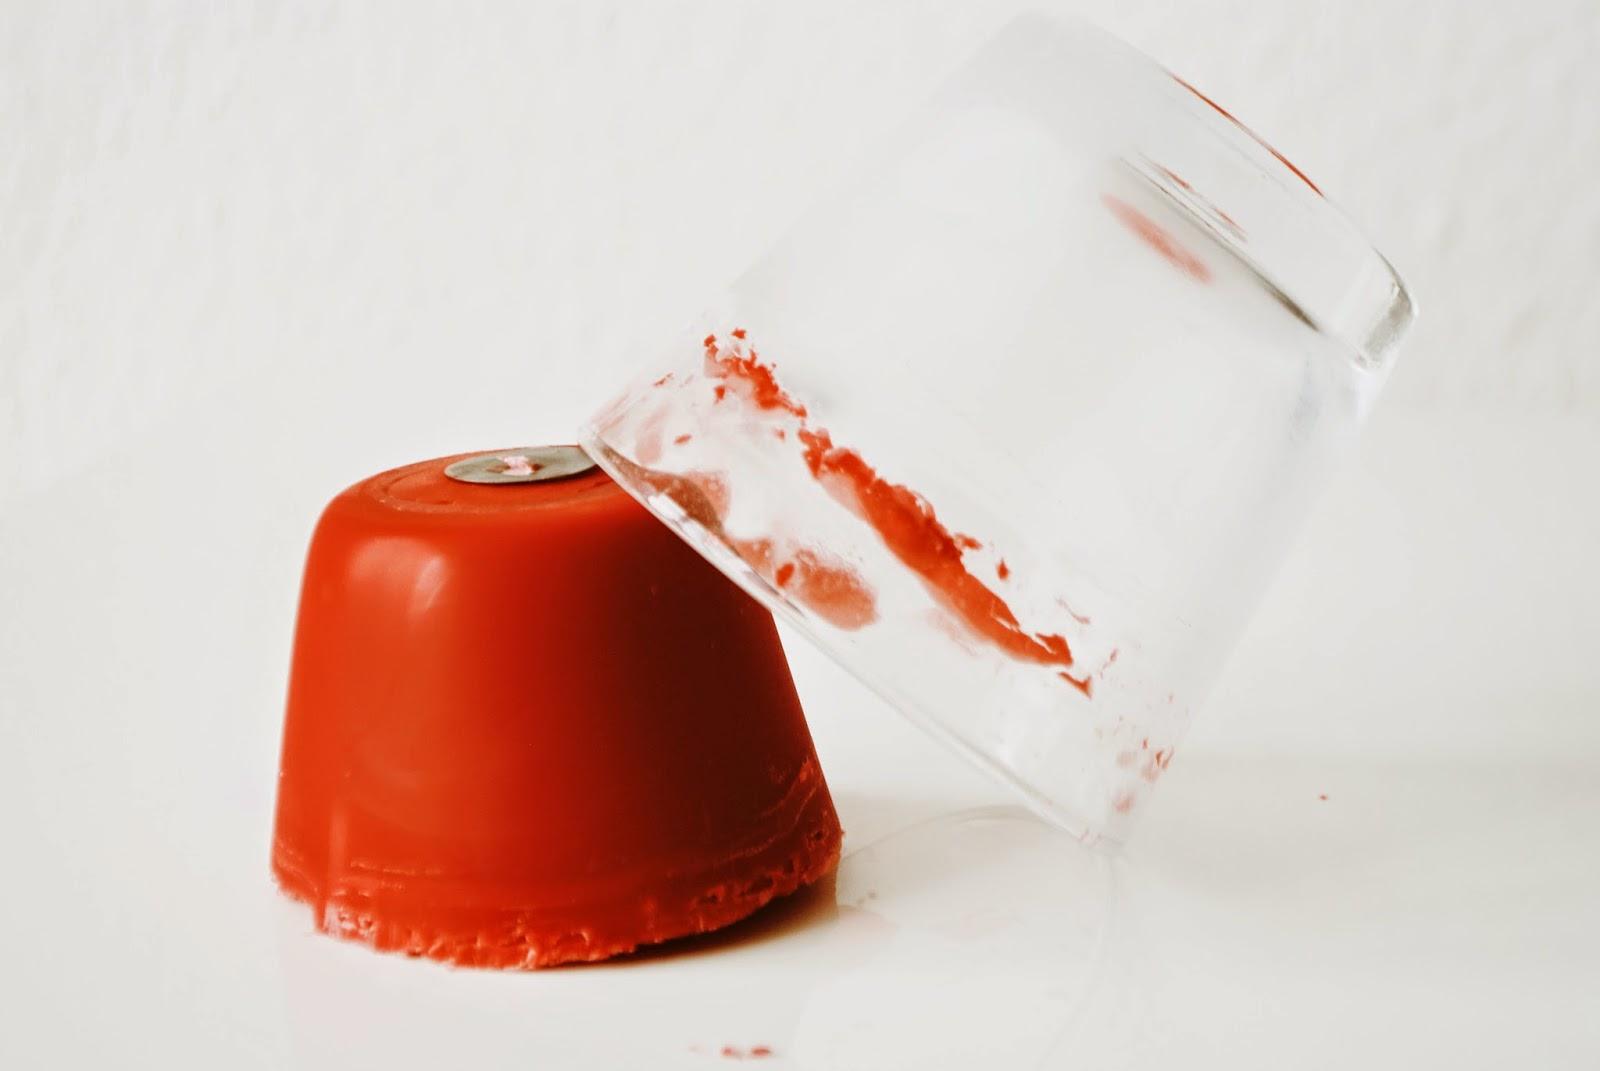 wachs aus dem glas entfernen iby lippold haushaltstipps. Black Bedroom Furniture Sets. Home Design Ideas